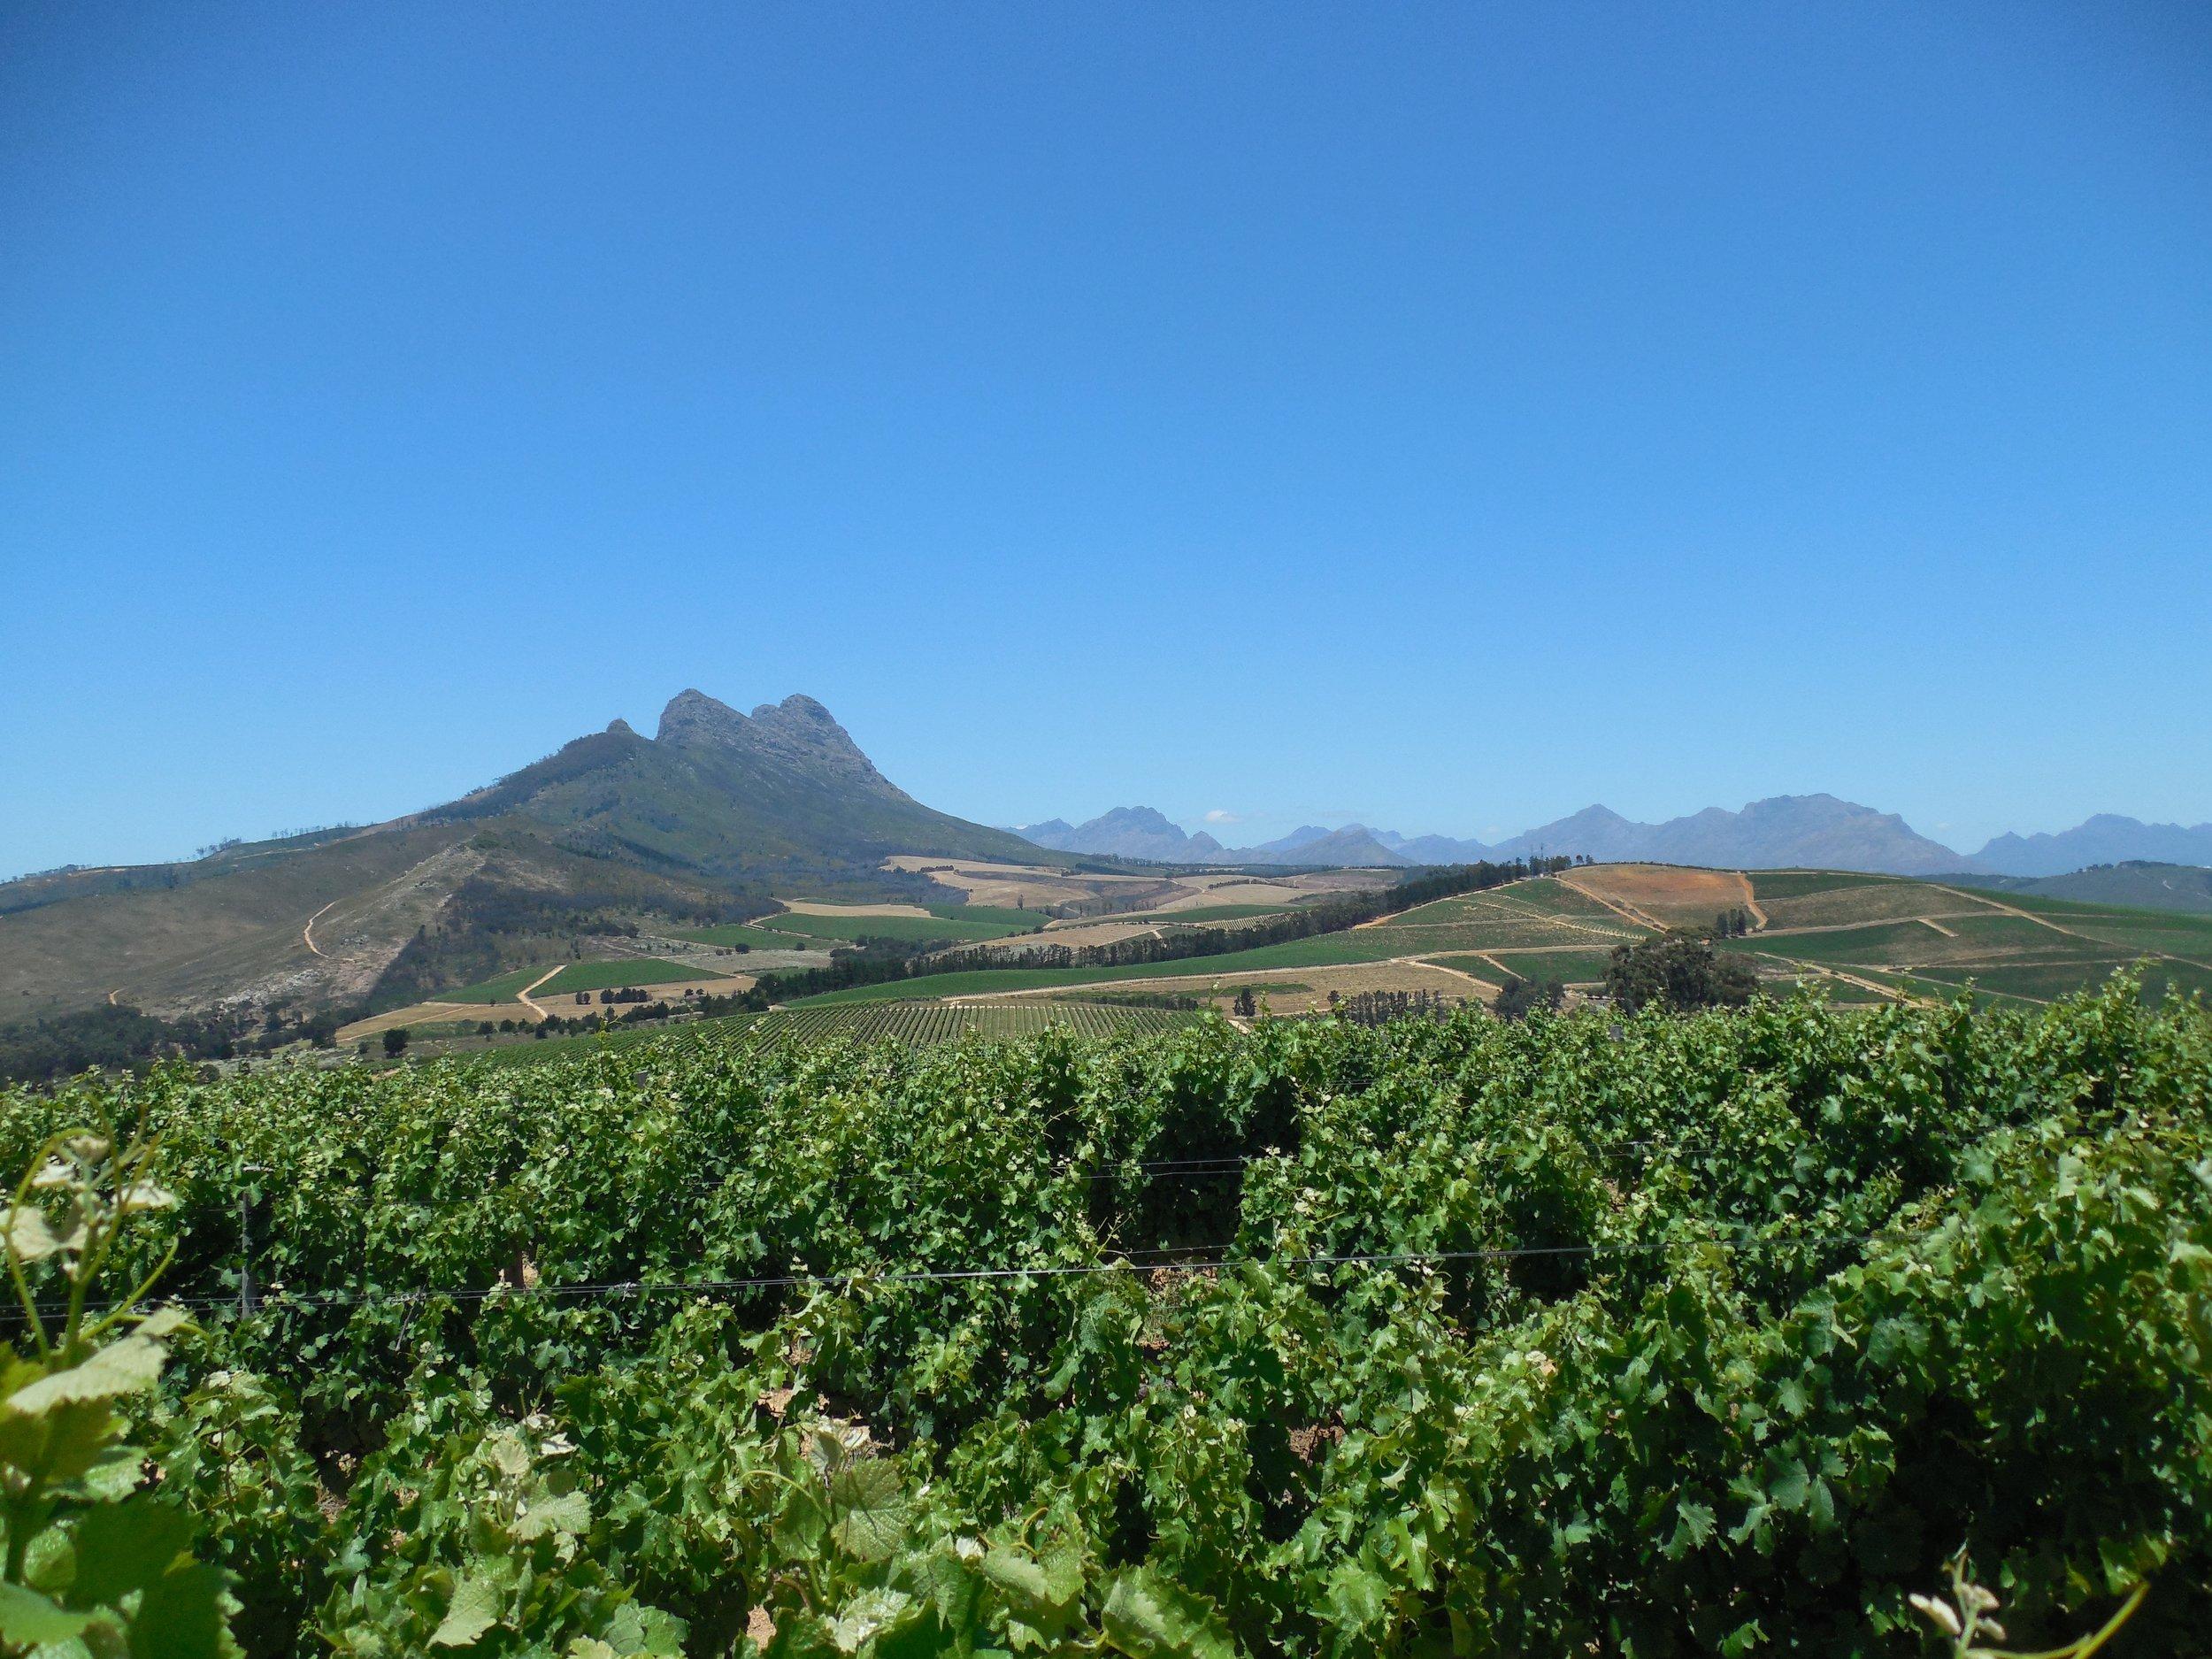 Stellenbosch South Africa December 2018 © Flyga Twiga LLC